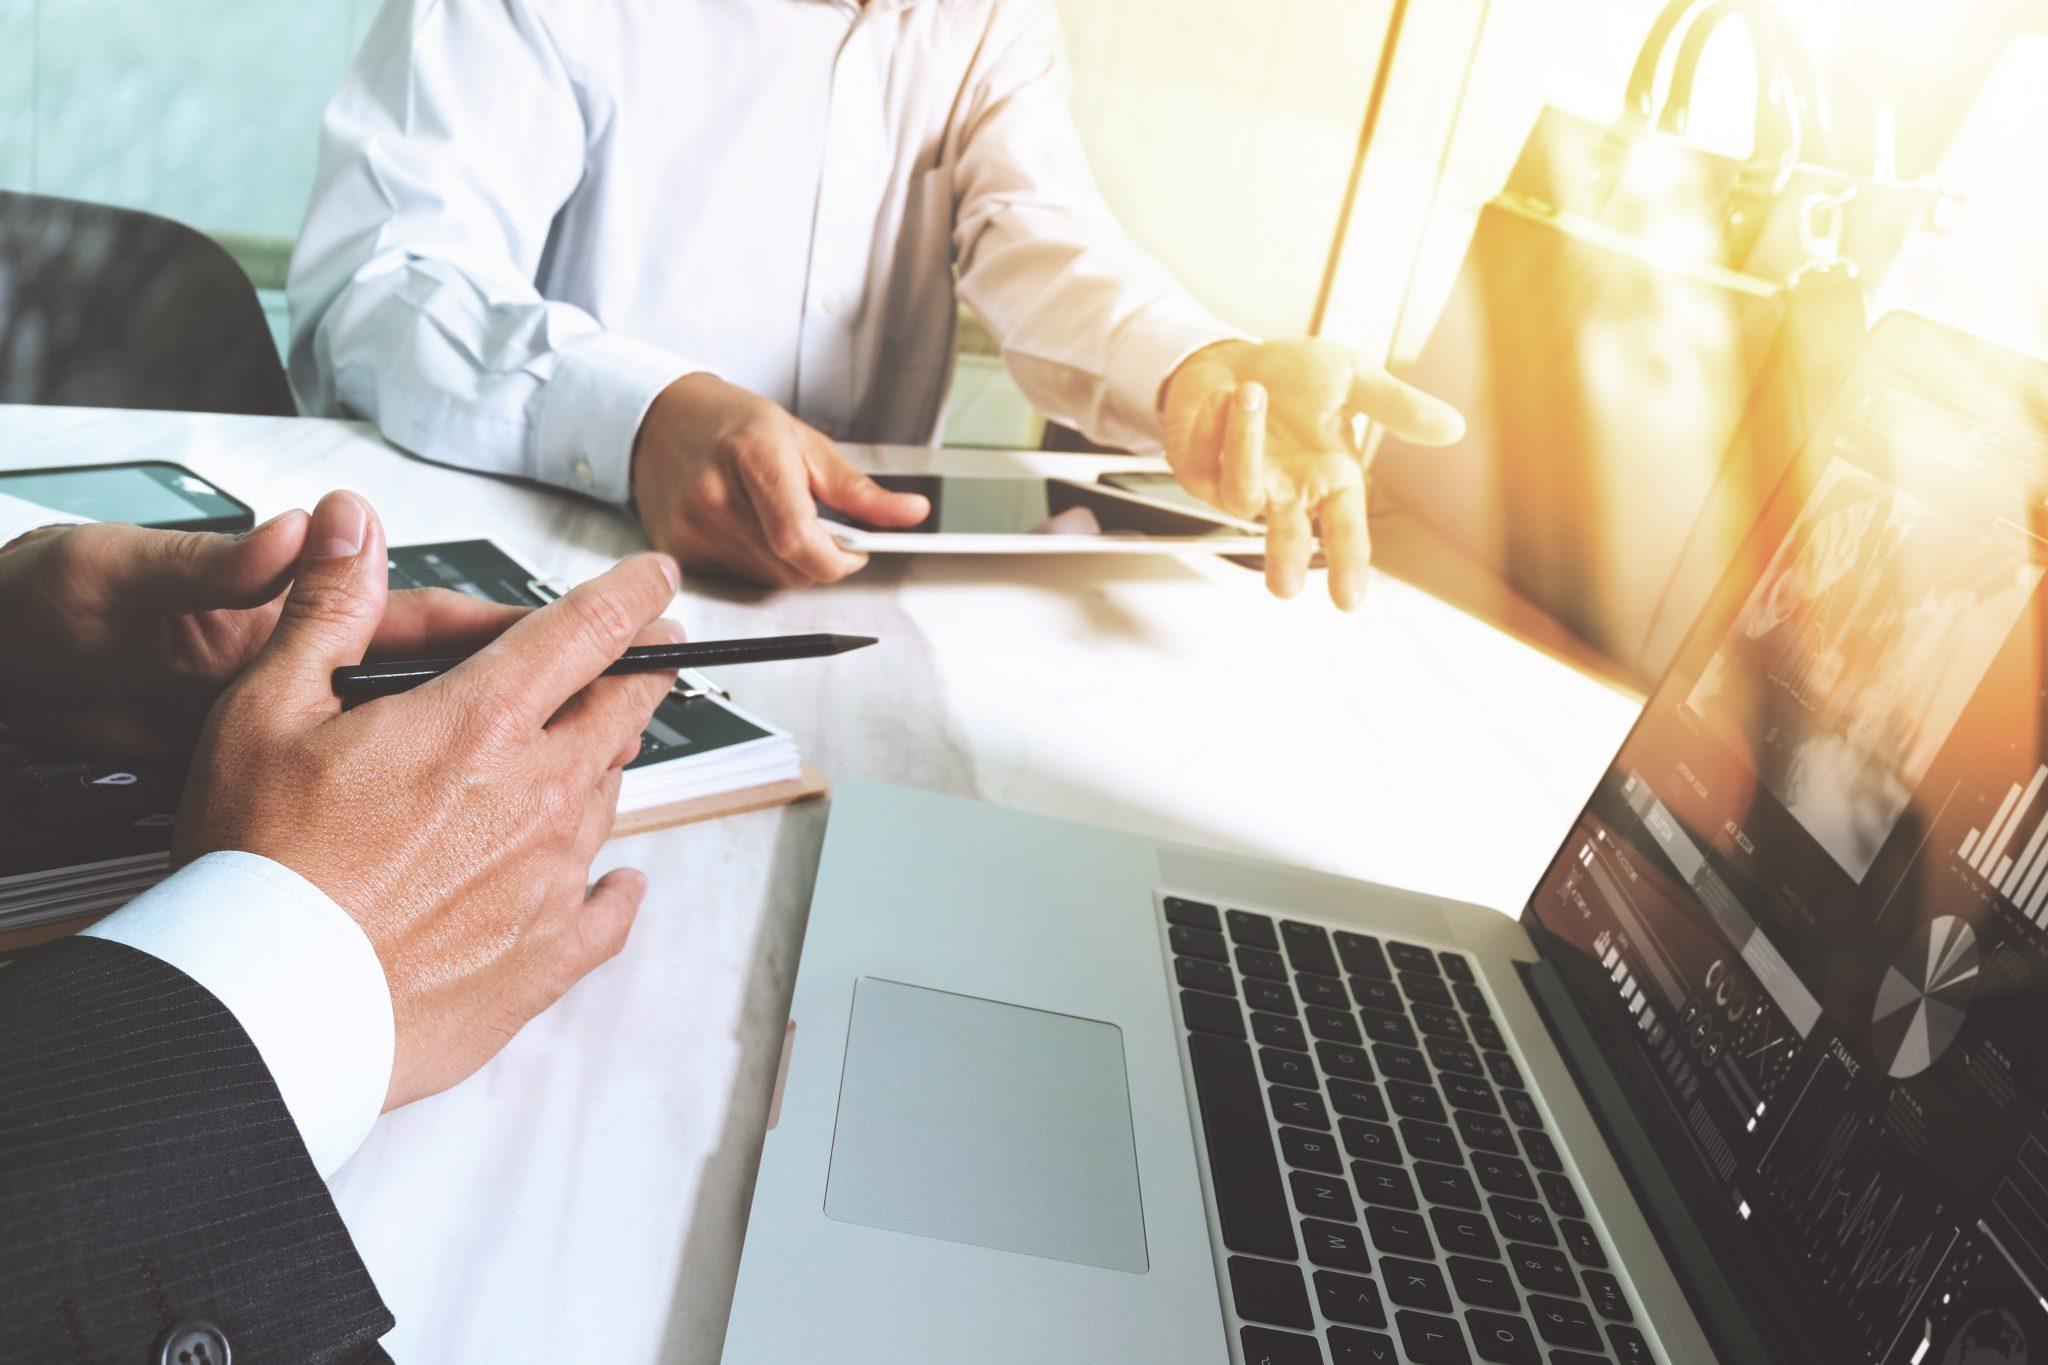 הלוואות לעסקים: העסק זקוק להלוואה גדולה? כדאי שתשקלו פעם נוספת אם הפקיד בבנק הוא הכתובת הנכונה